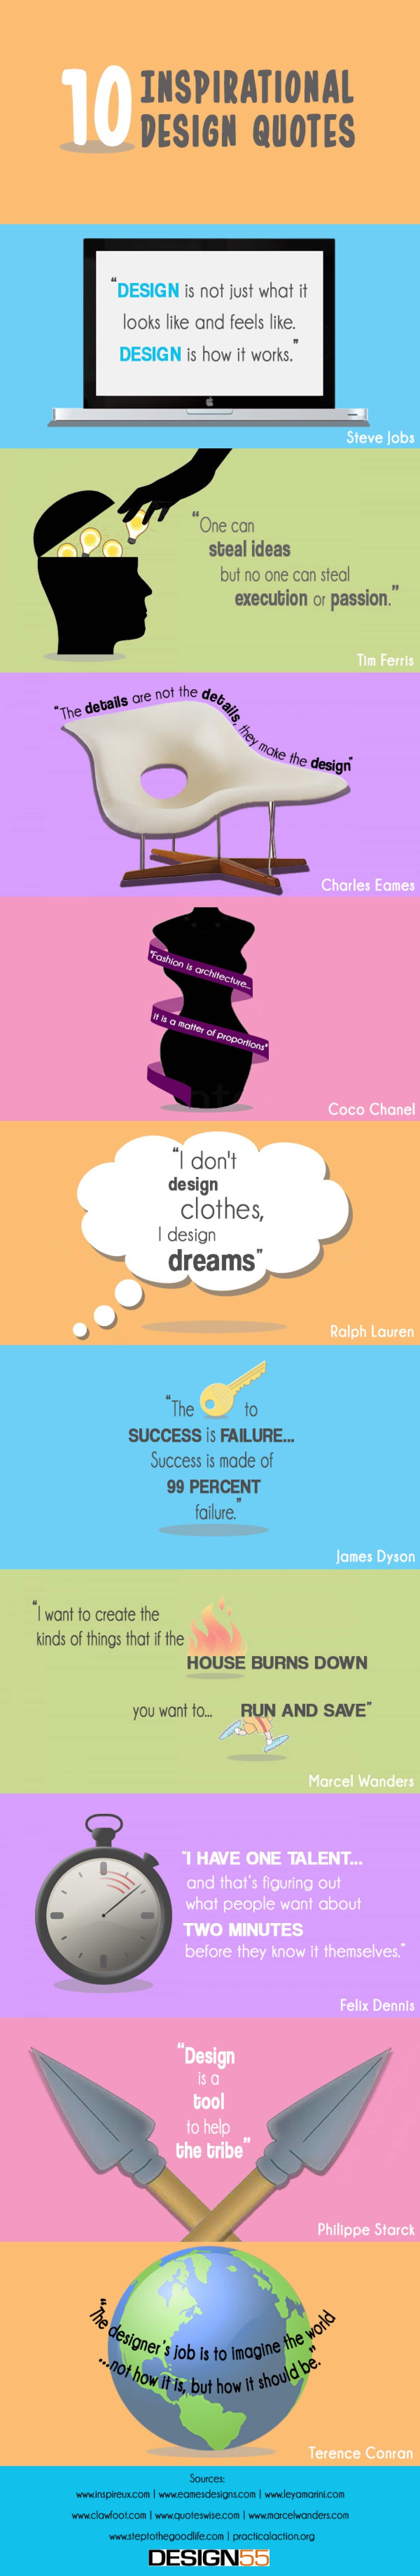 10 Most Inspiring Design Quotes